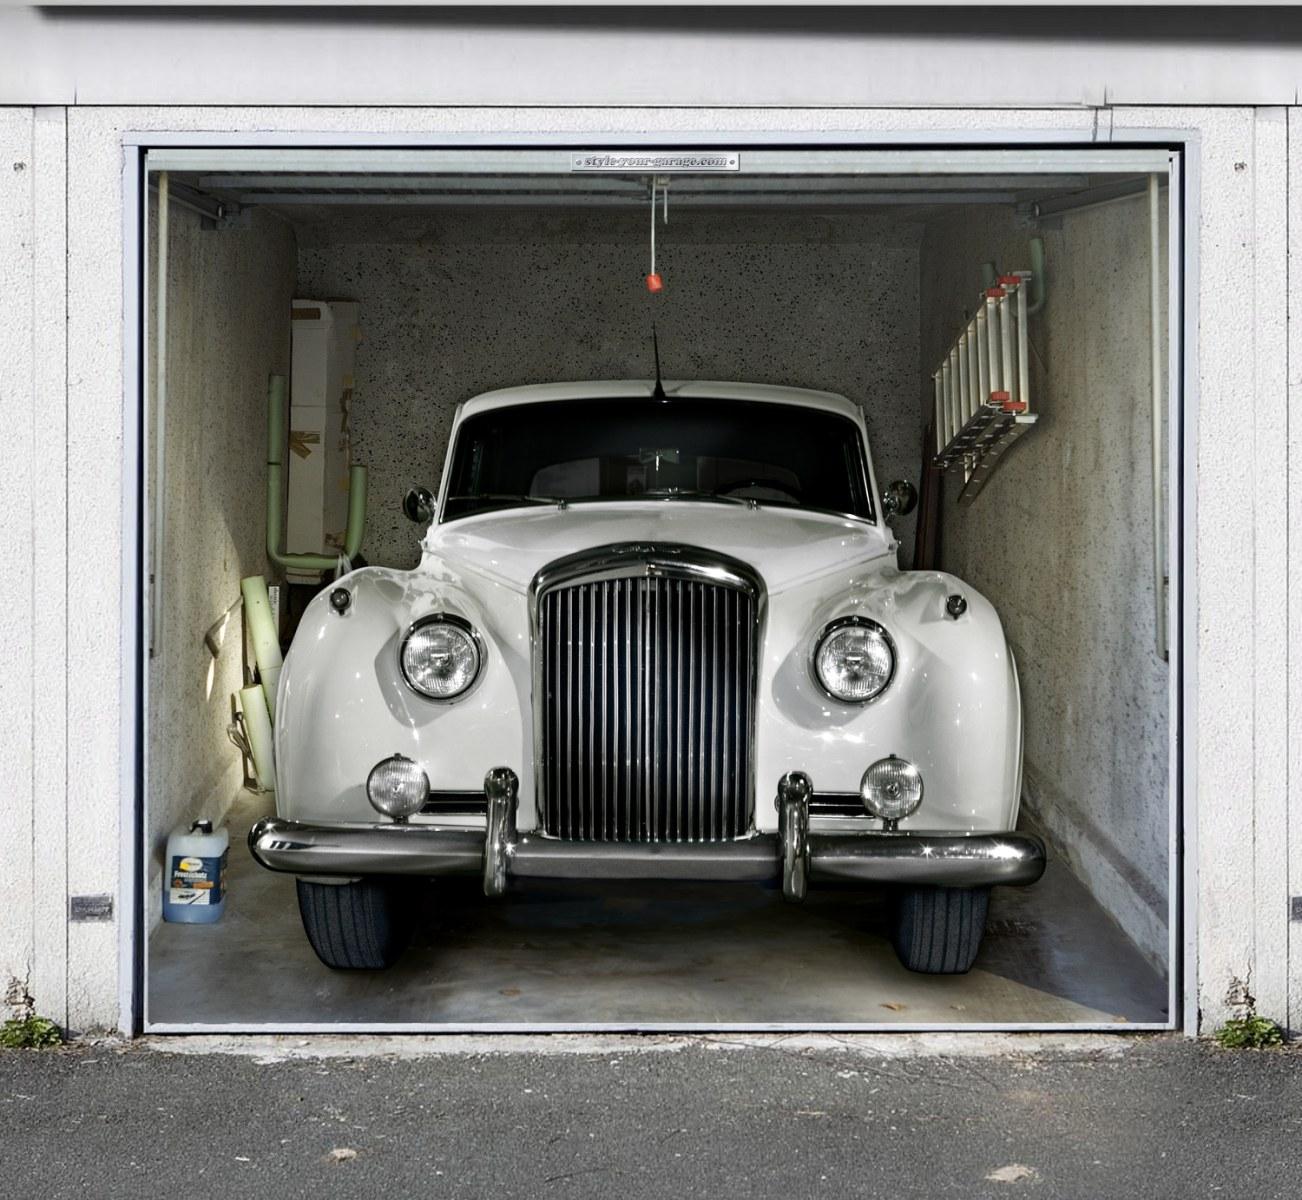 Garage Doors Gone Wild